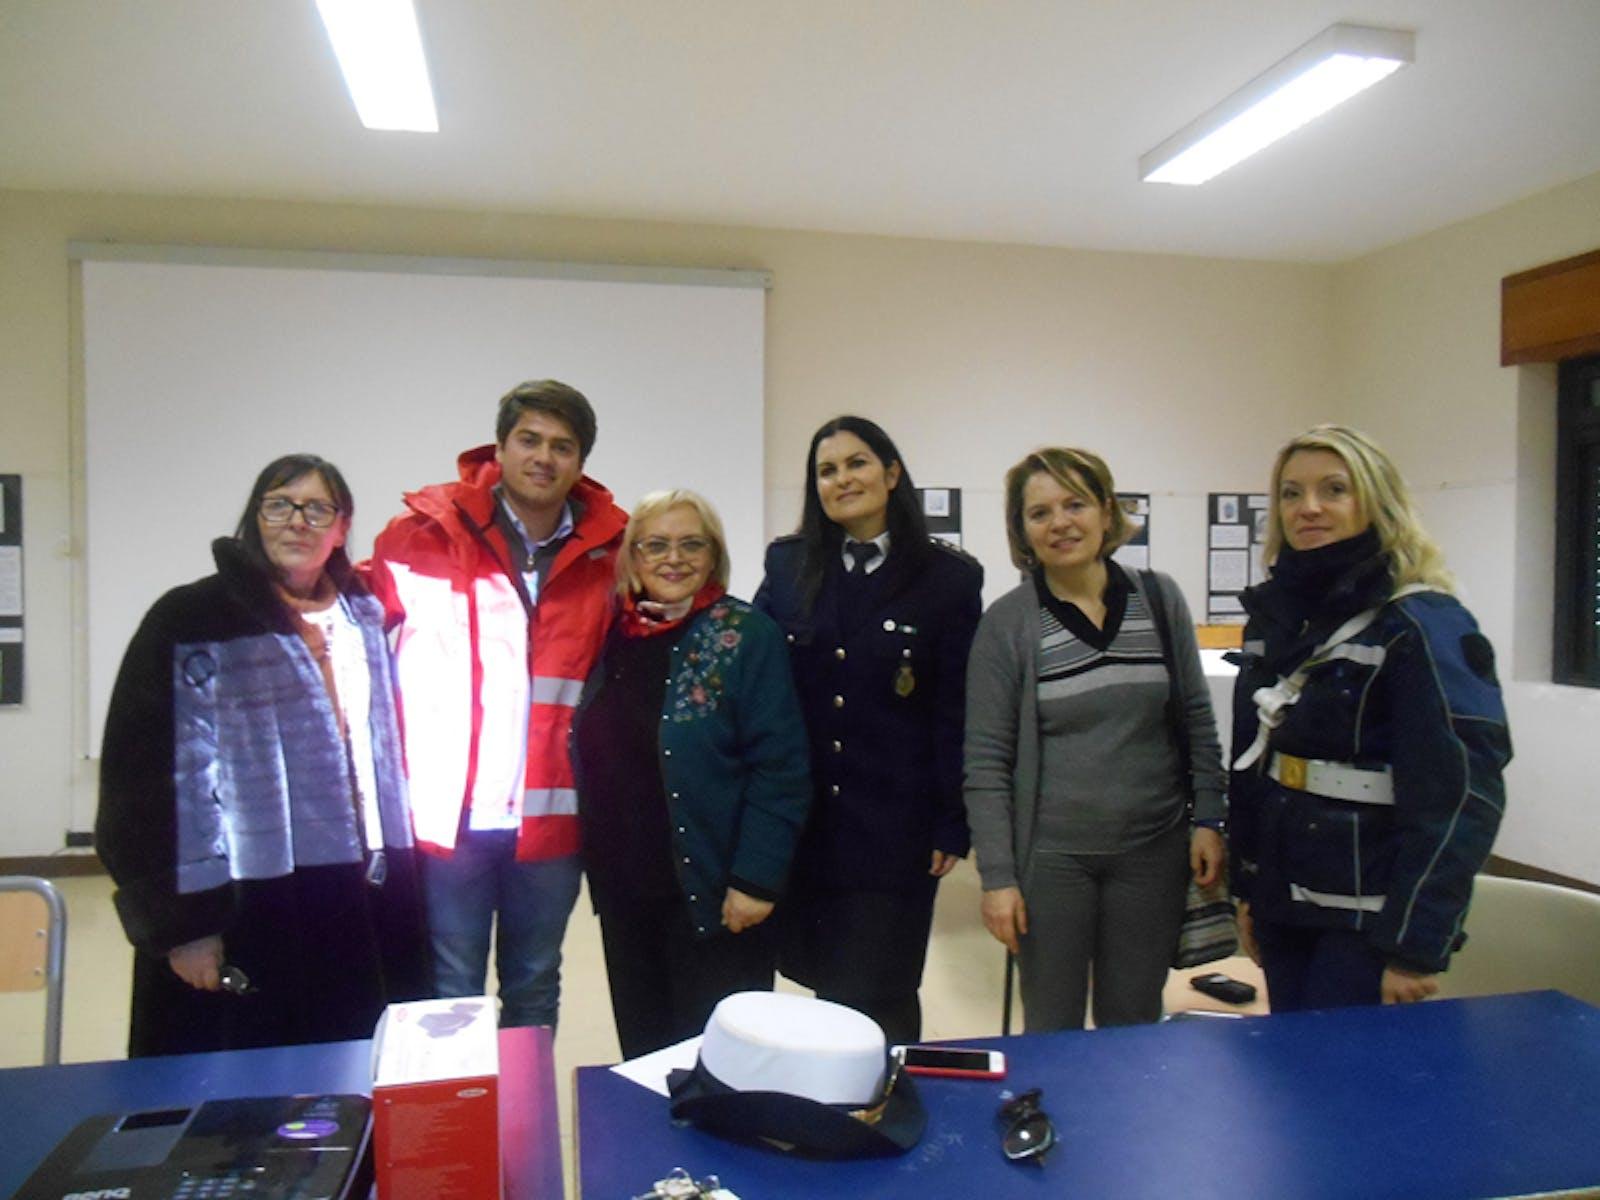 La CRI, il Comandante dei Vigili, La Prof.ssa Chiacchella, La prof. Rocchi  e Pina Tarantino